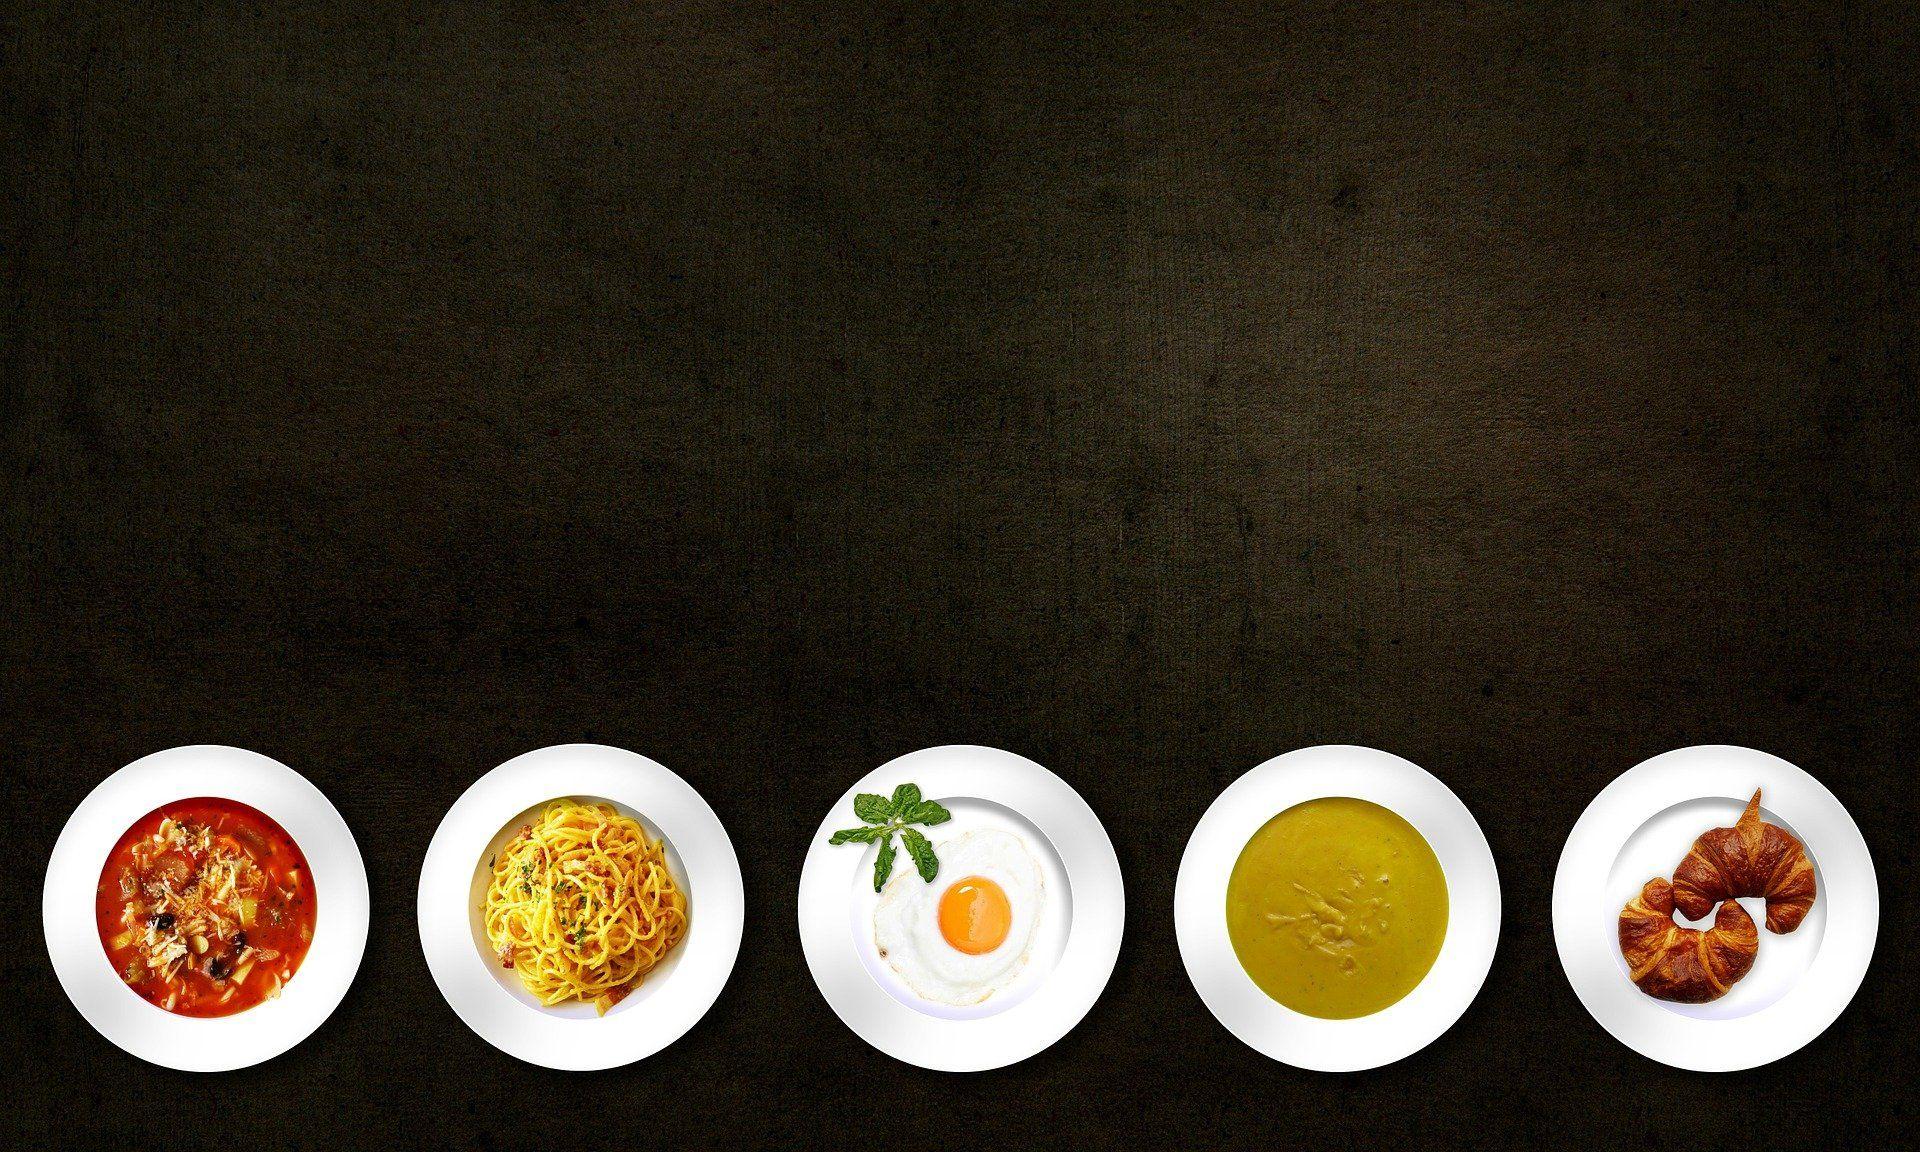 Makronährstoffe – Die Funktionen von Kohlenhydraten, Fett und Eiweiß